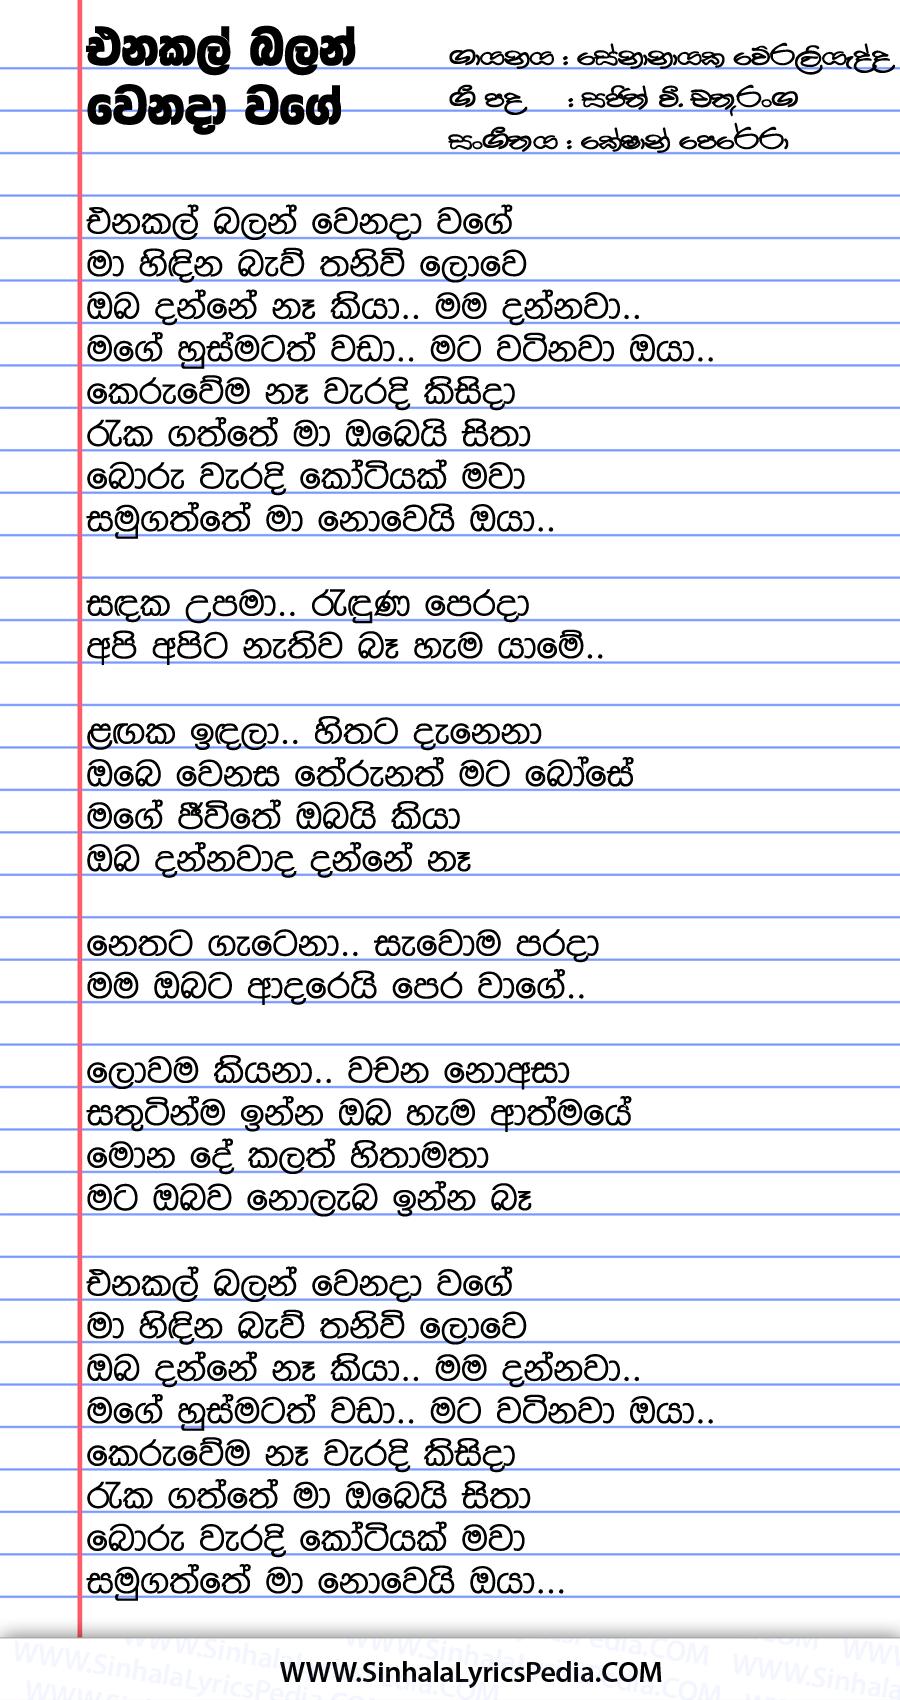 Enakal Balan Wenada Wage Song Lyrics